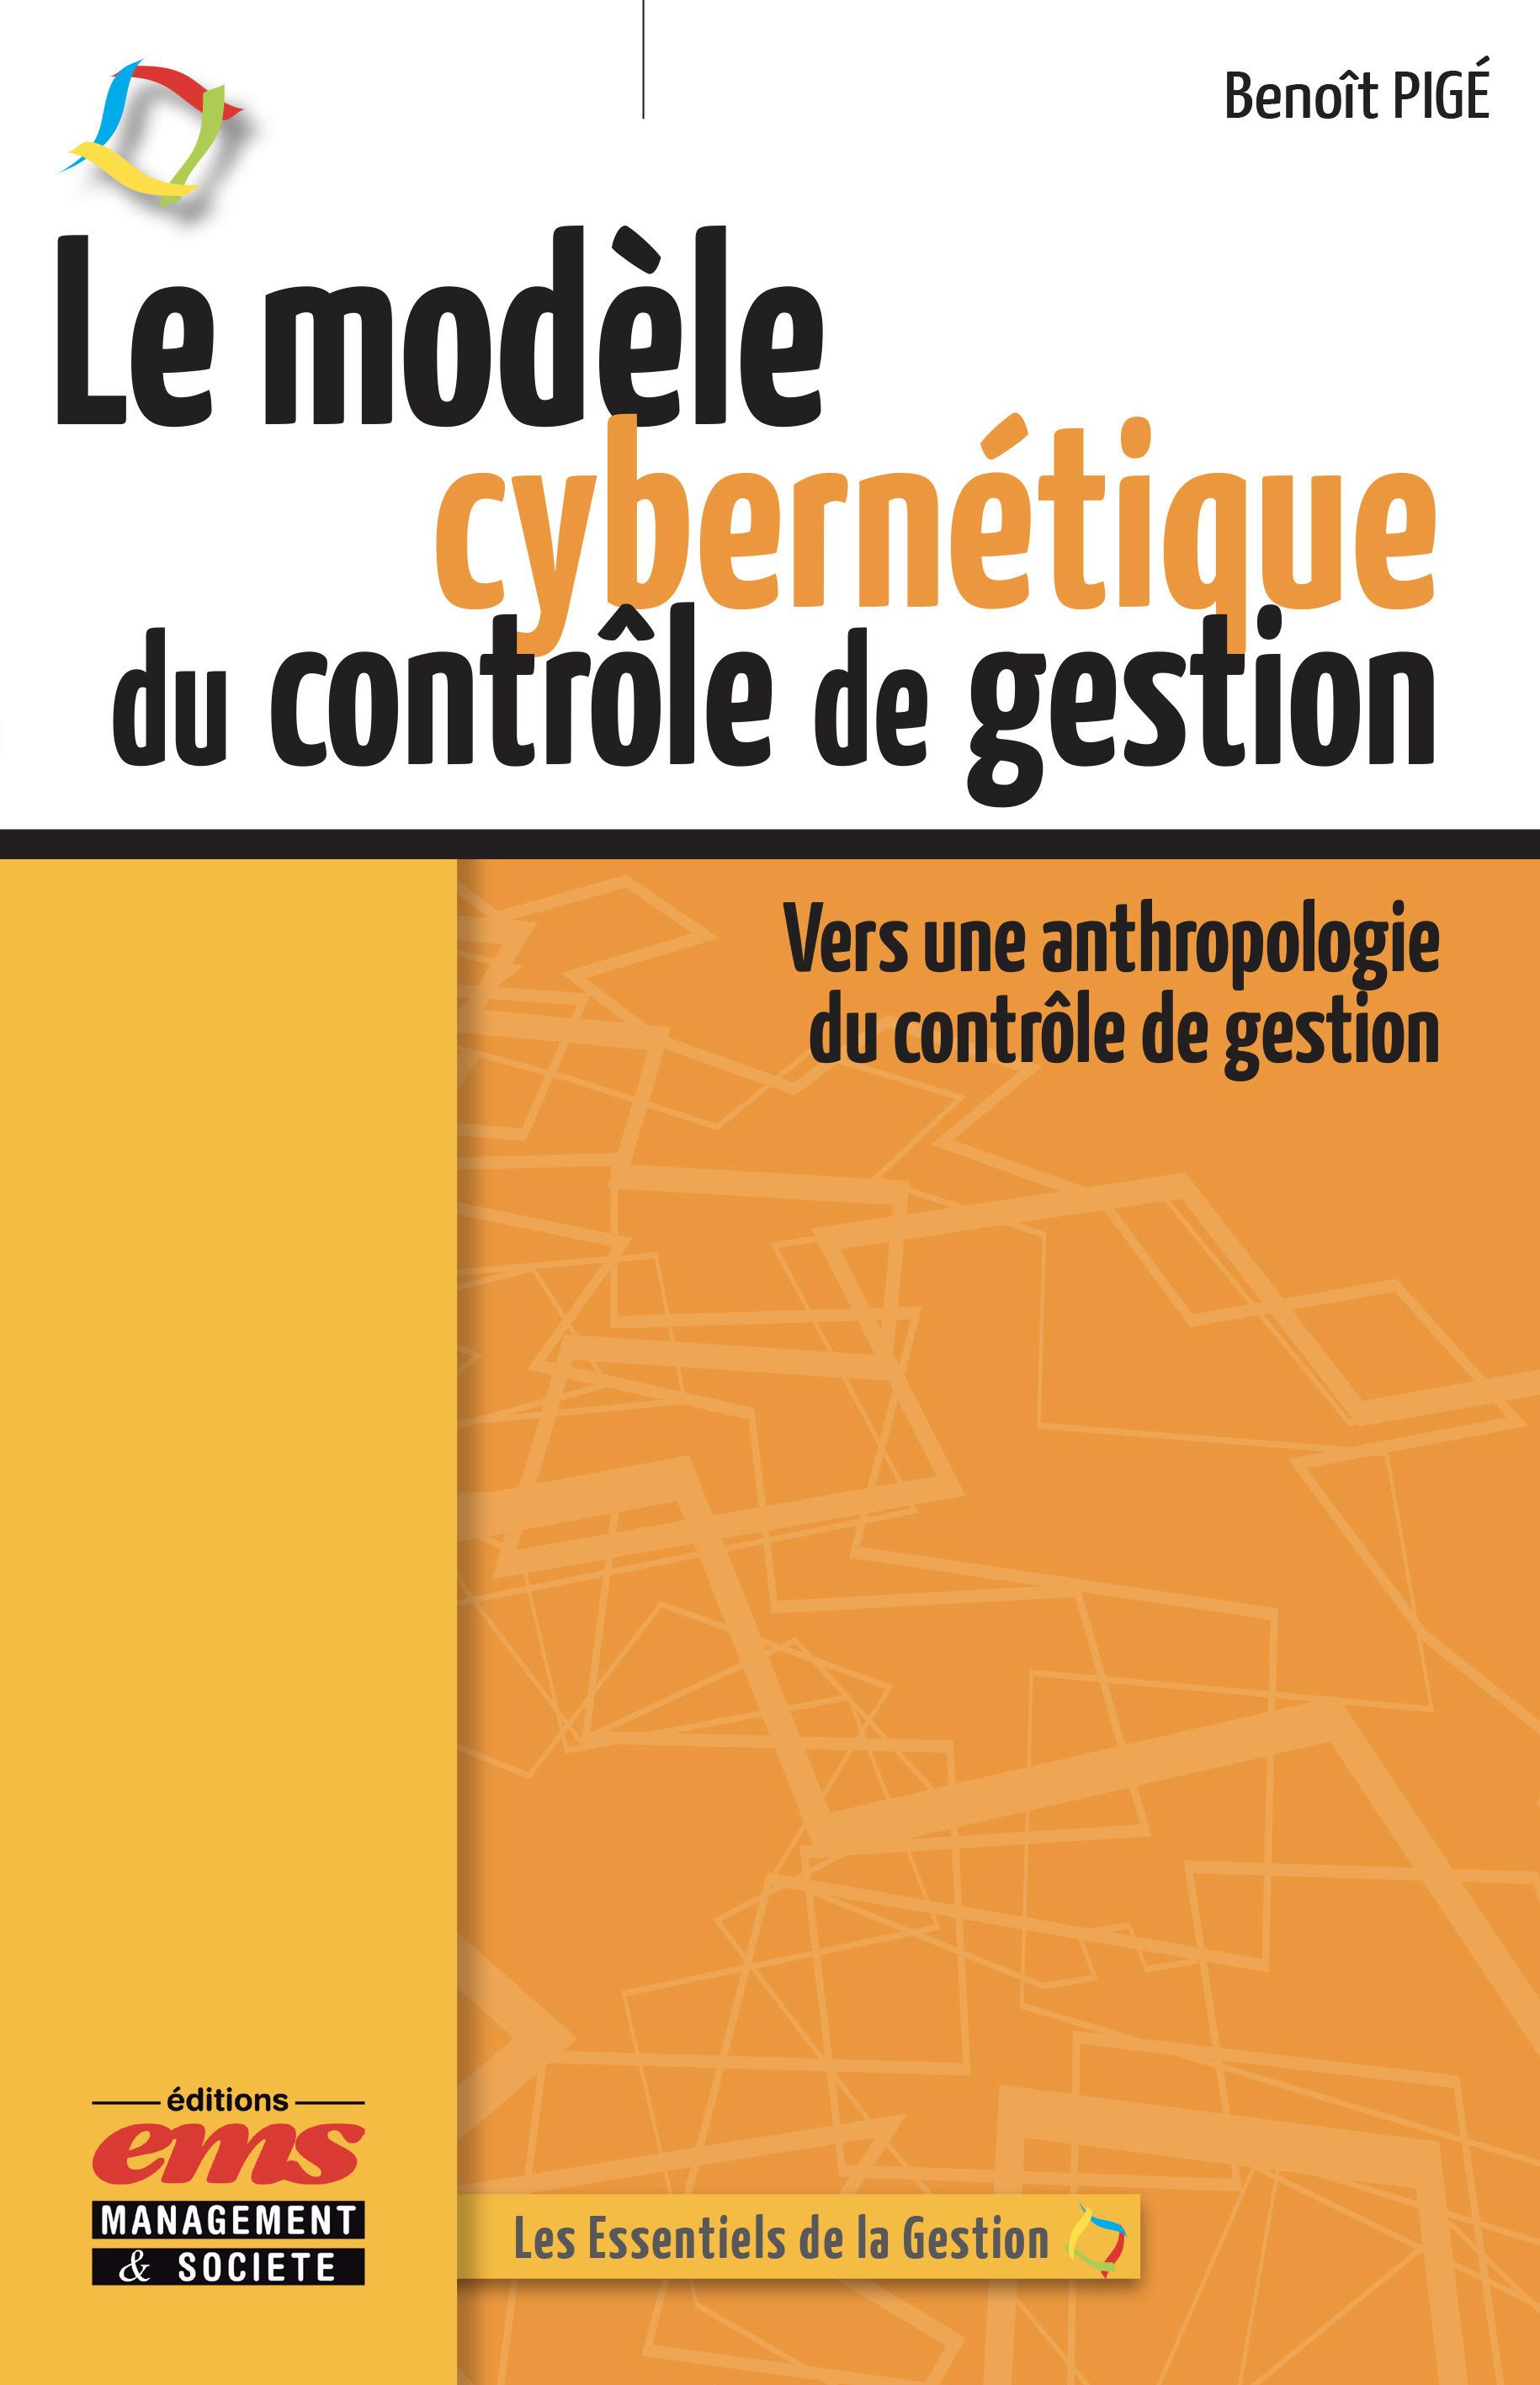 Le modèle cybernétique du contrôle de gestion